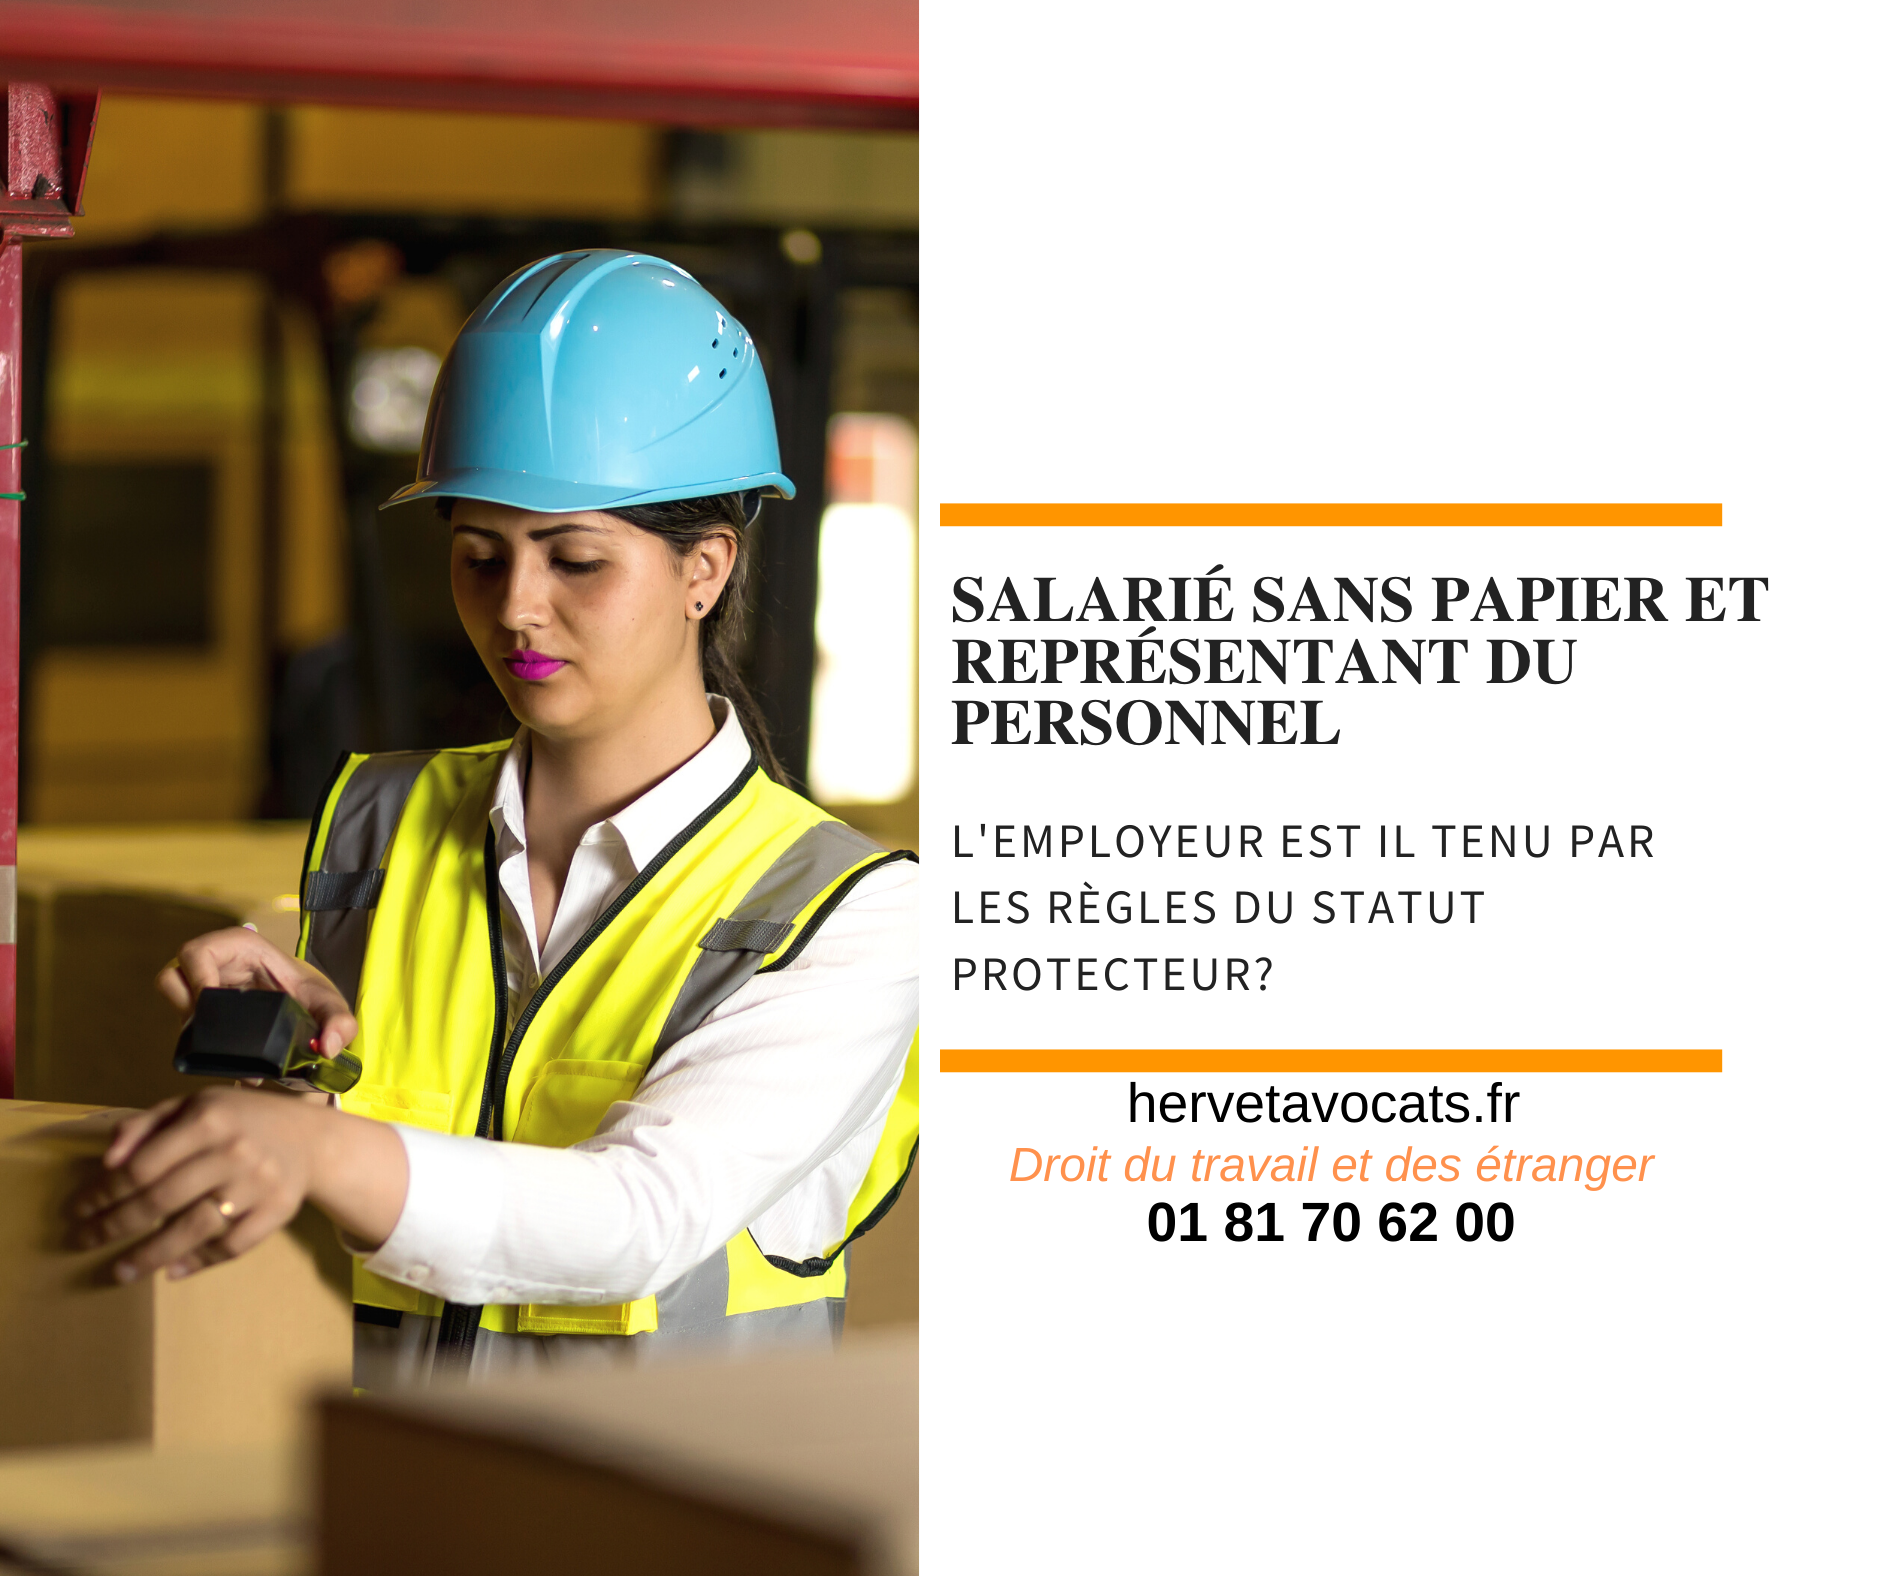 Travailleur sans papier et titulaire d'un mandat de représentant du personnel : quel statut prévaut?